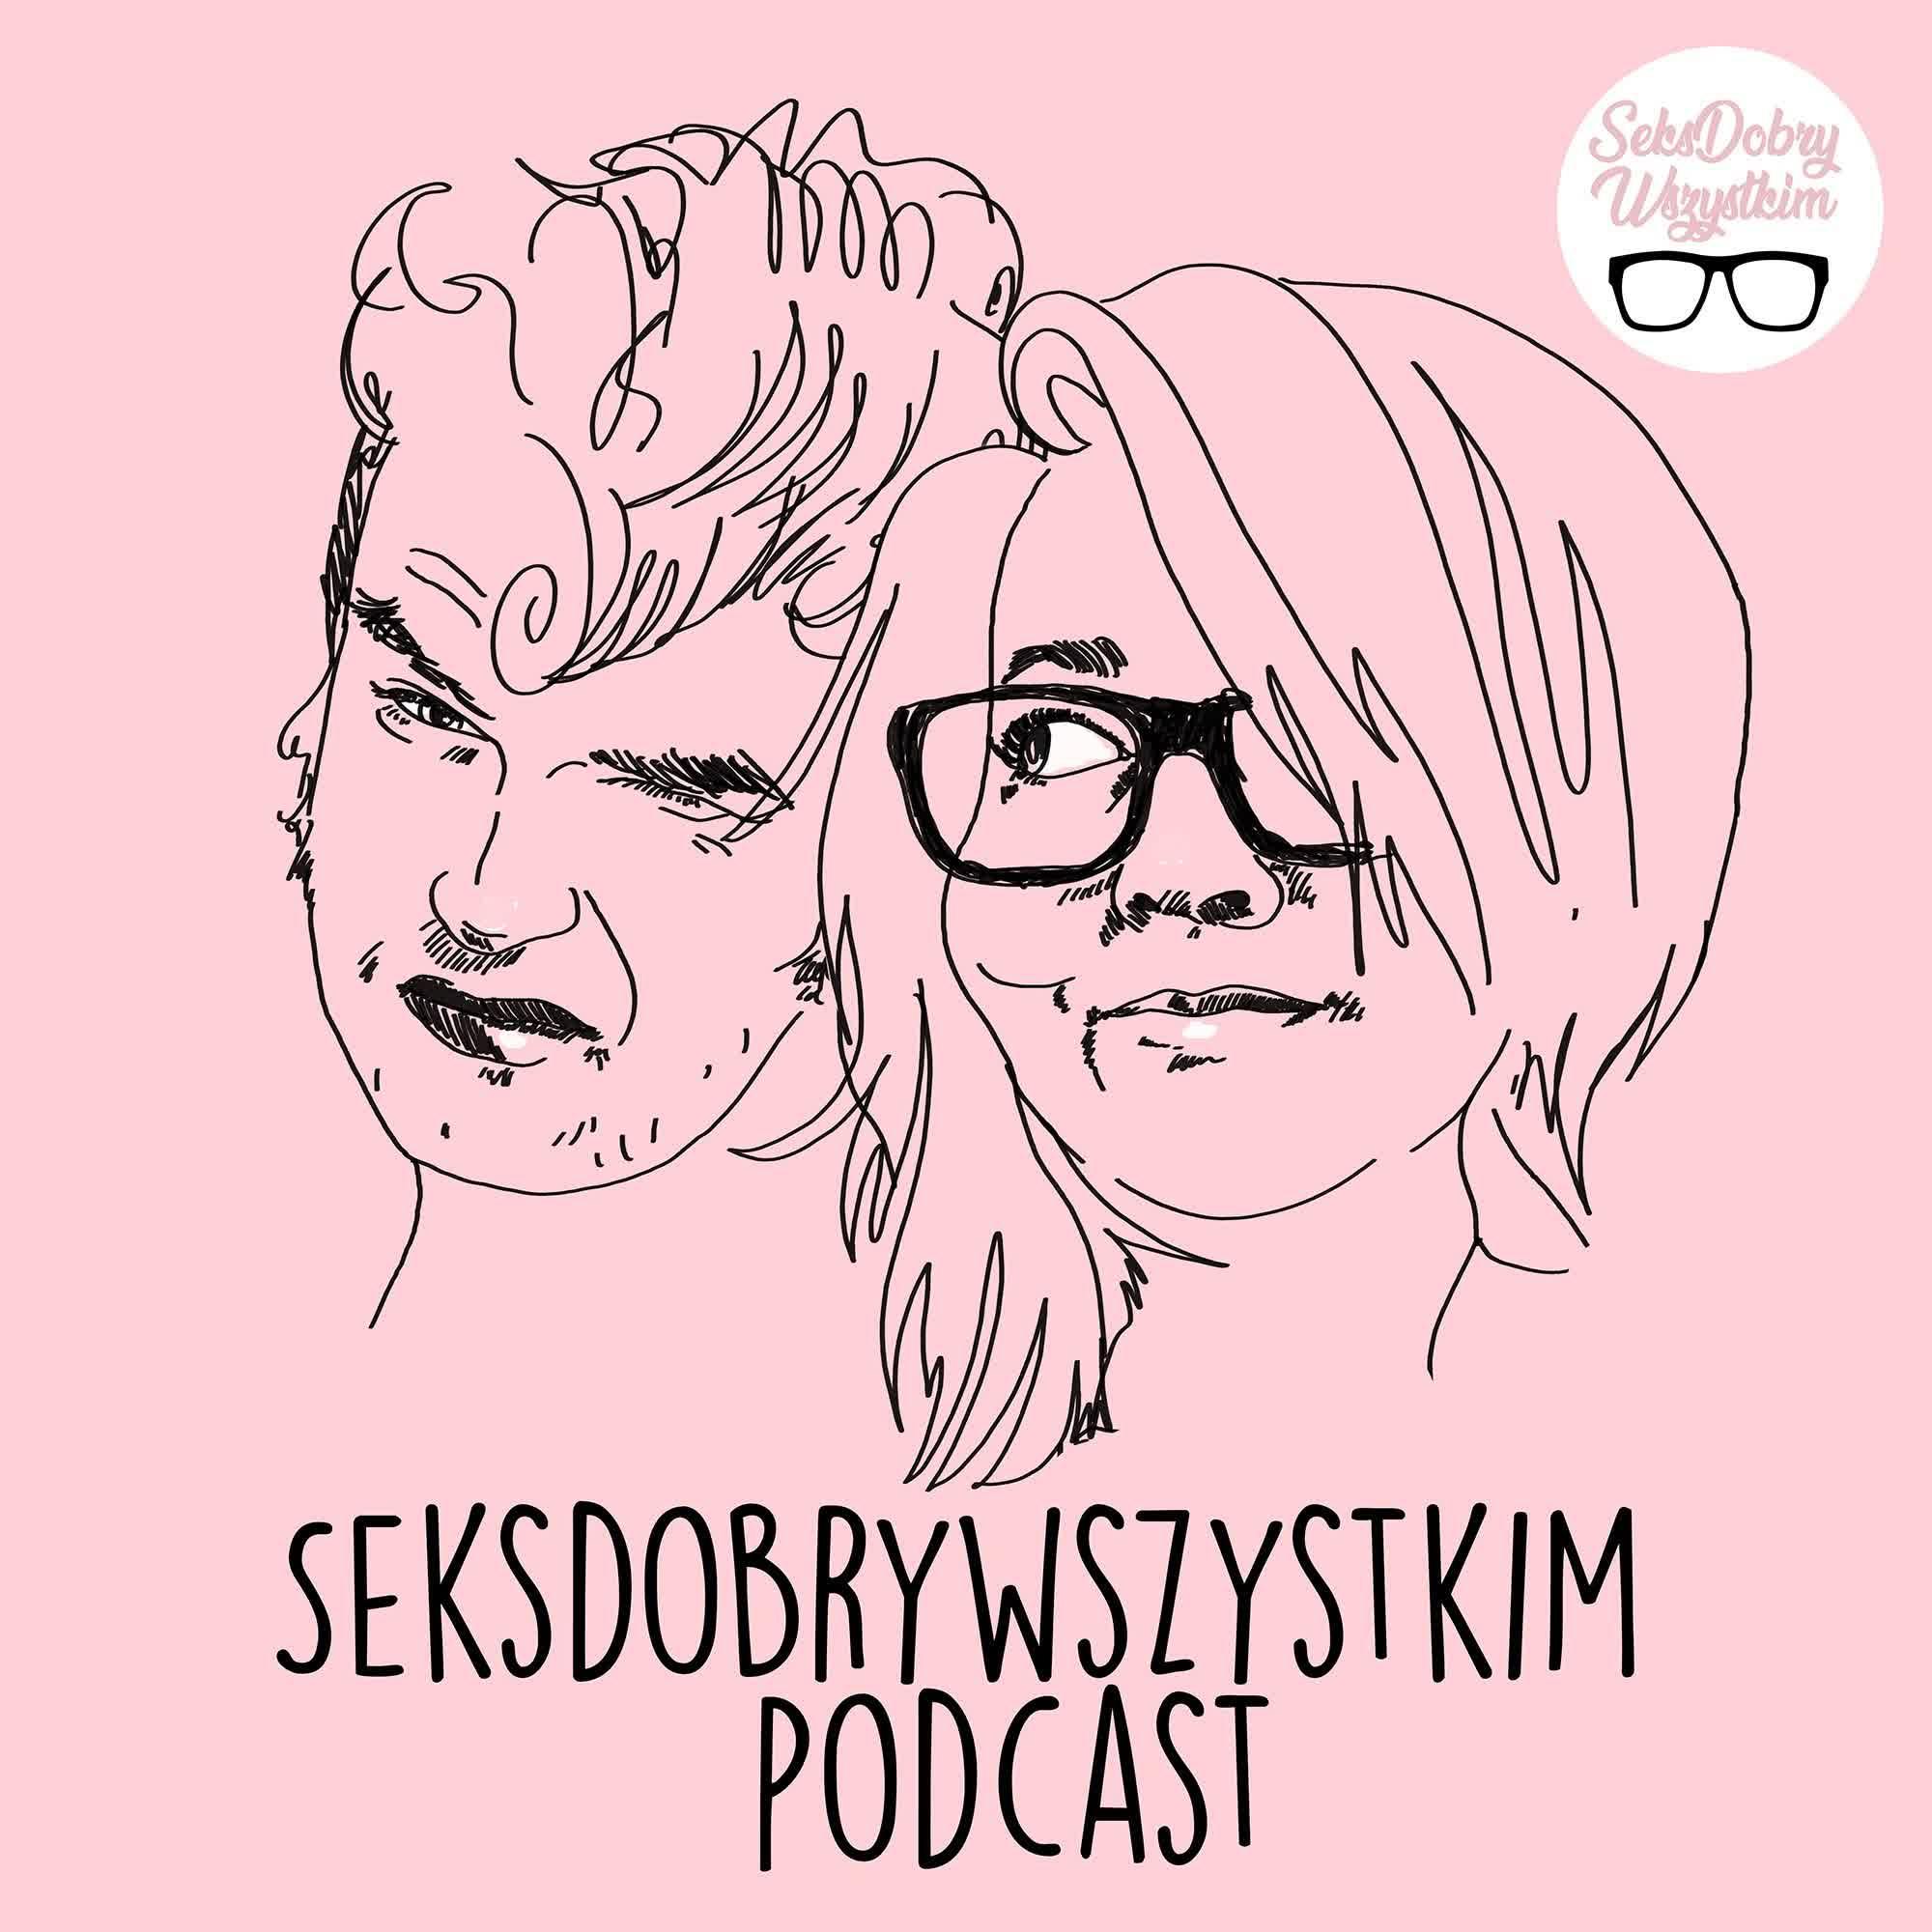 #44  Seksdobrywszystkim Oglądamy porno z warzywami - S02 E14